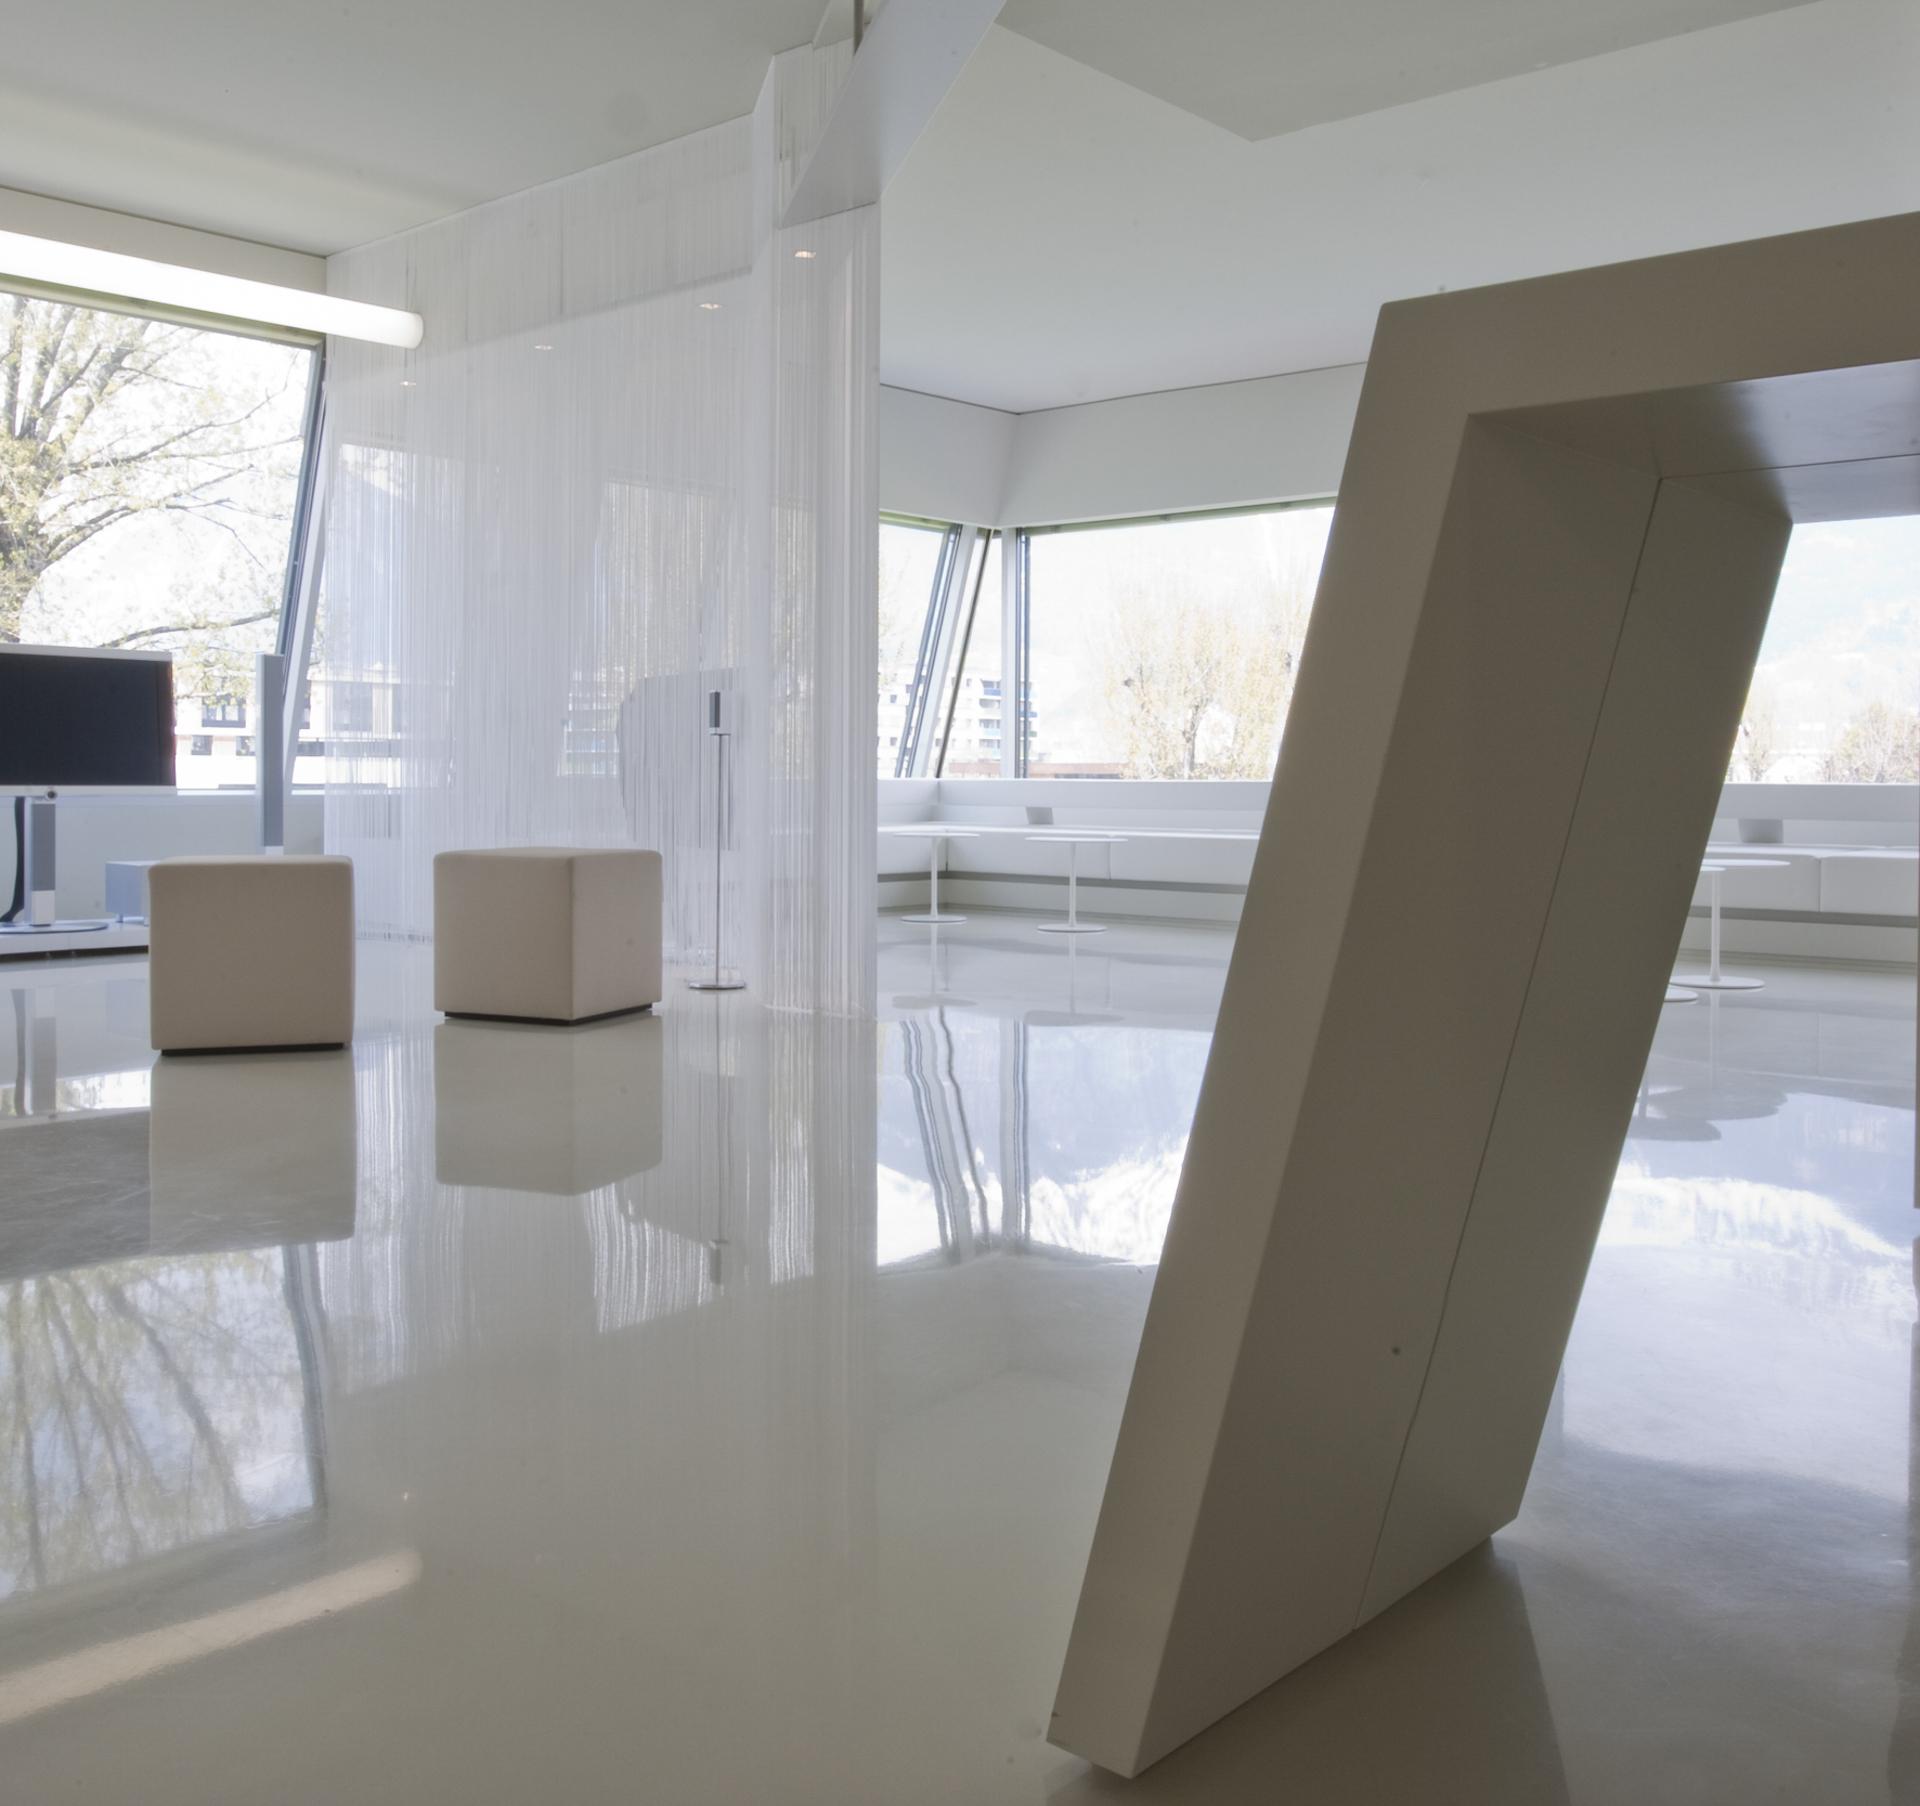 tischlerei-decker-rogllivtec-interior-details